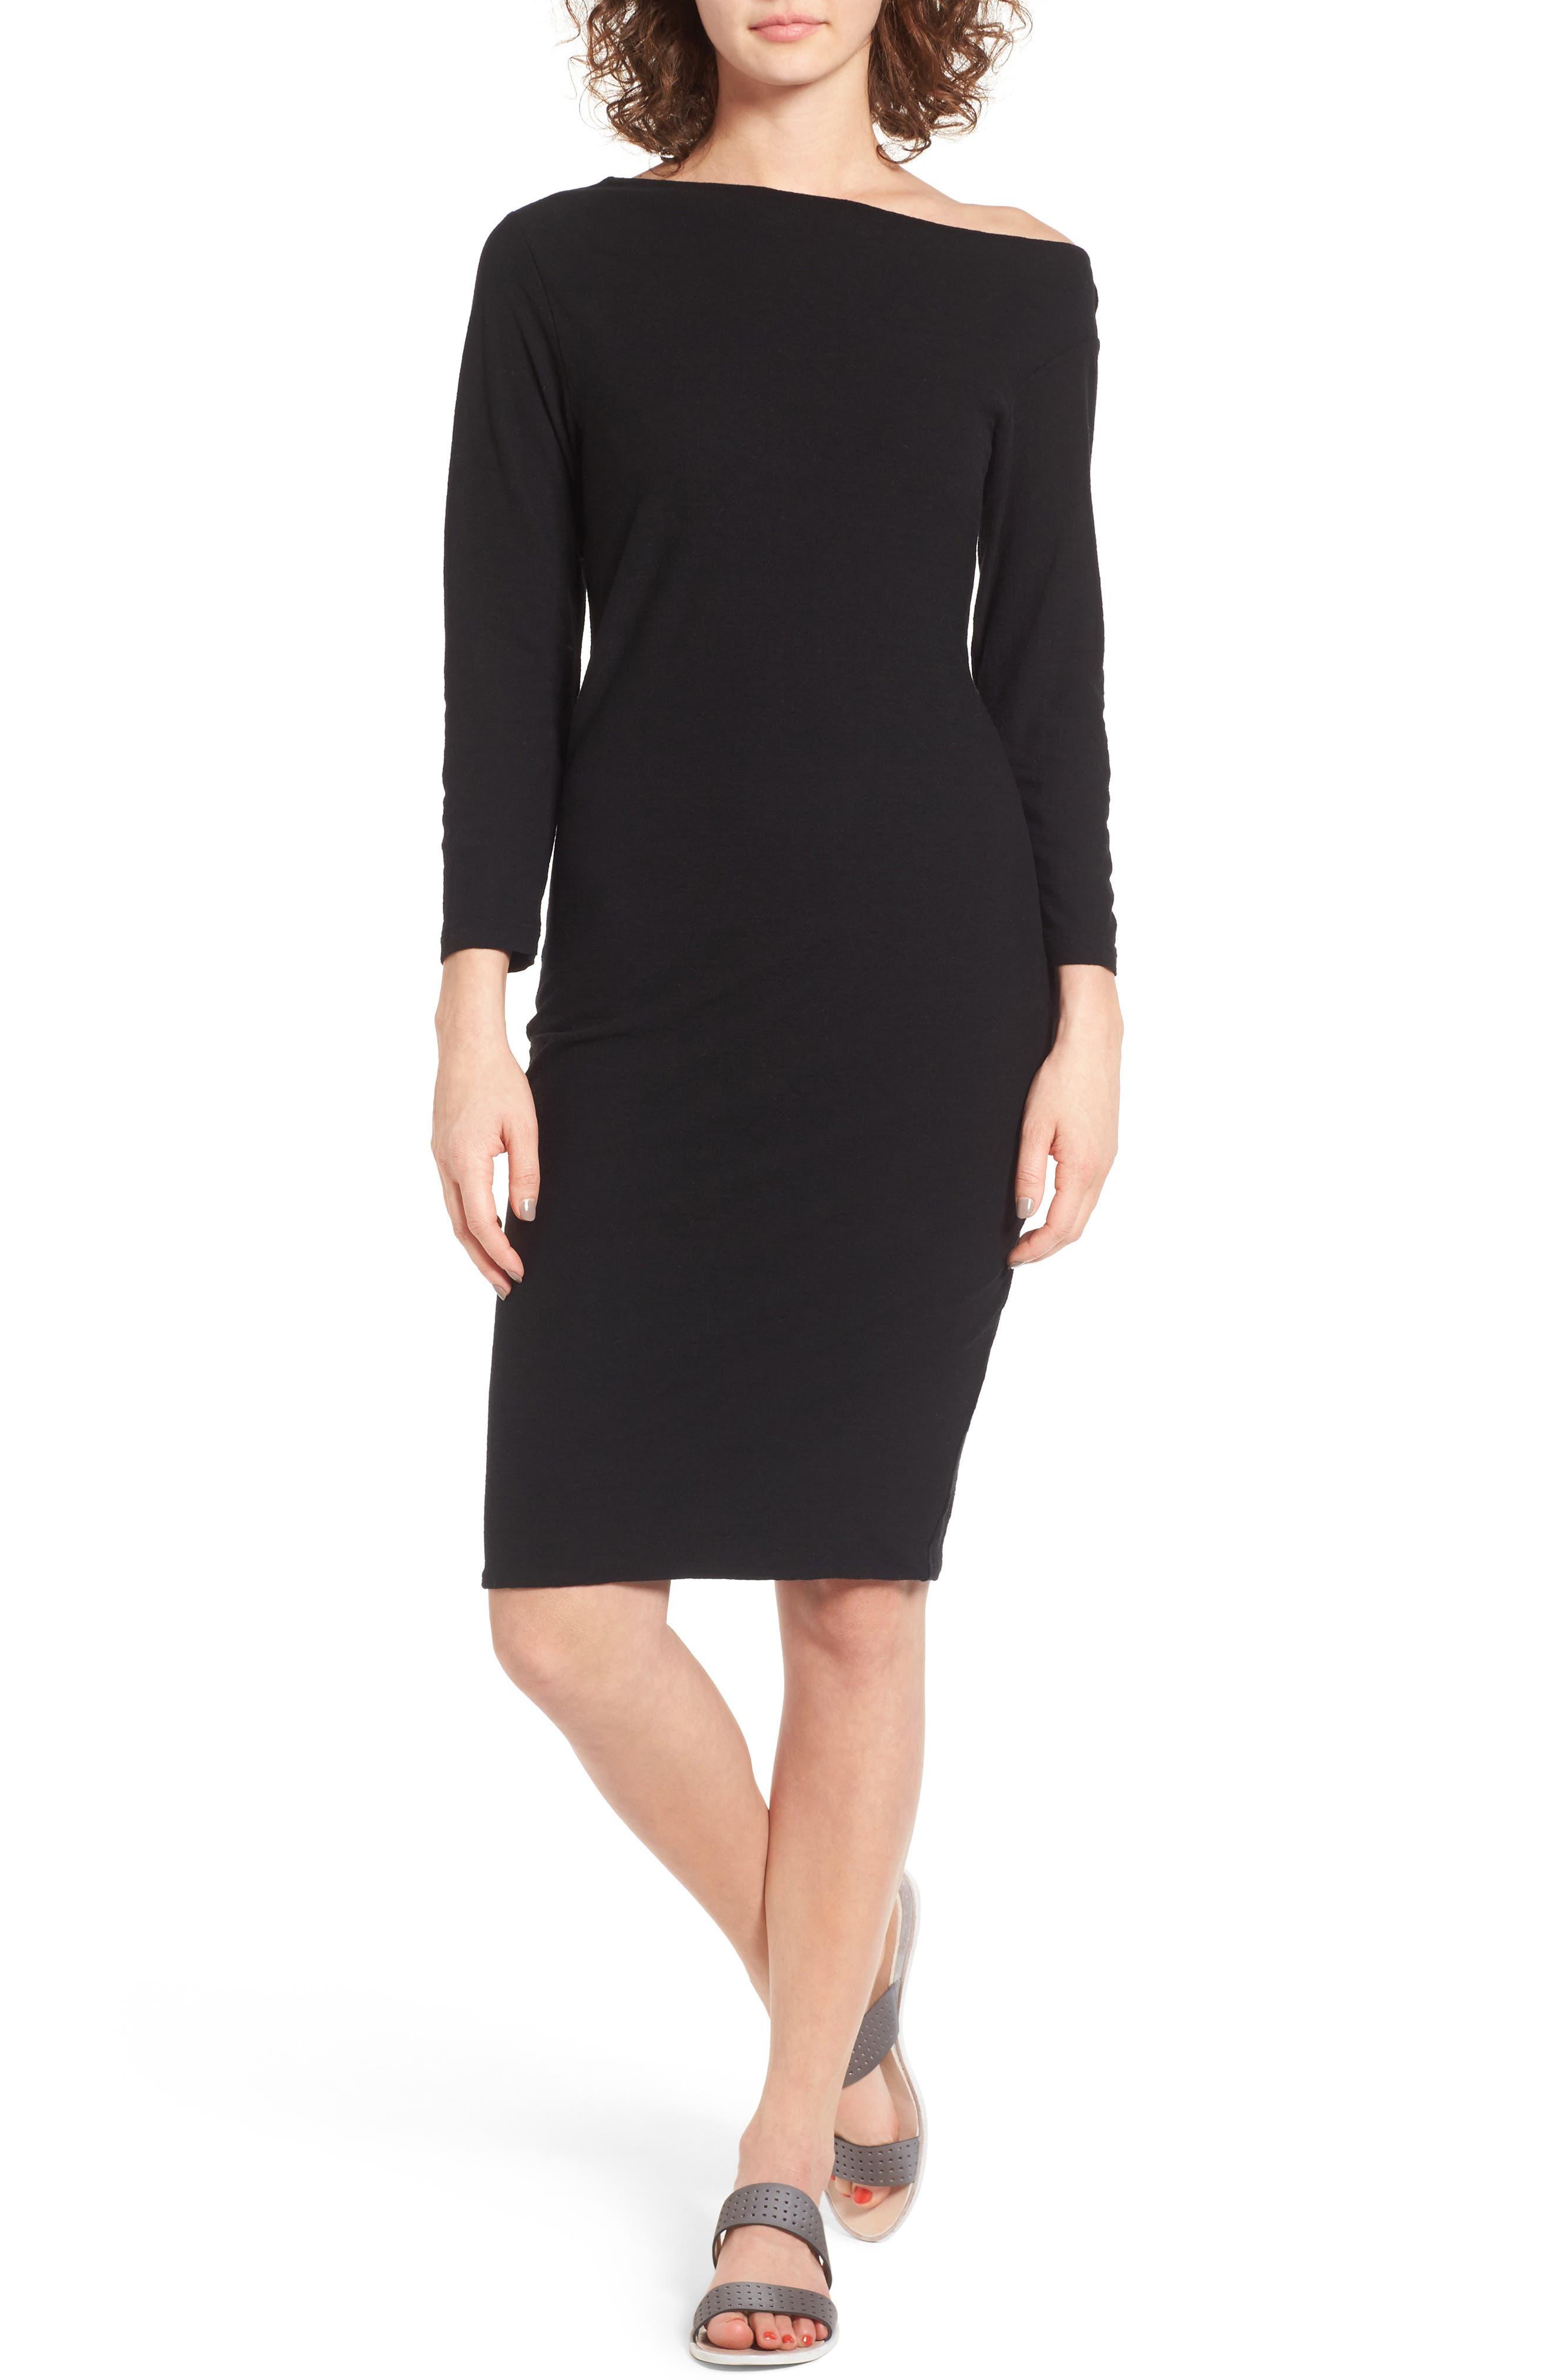 Alternate Image 1 Selected - James Perse Off the Shoulder Dress